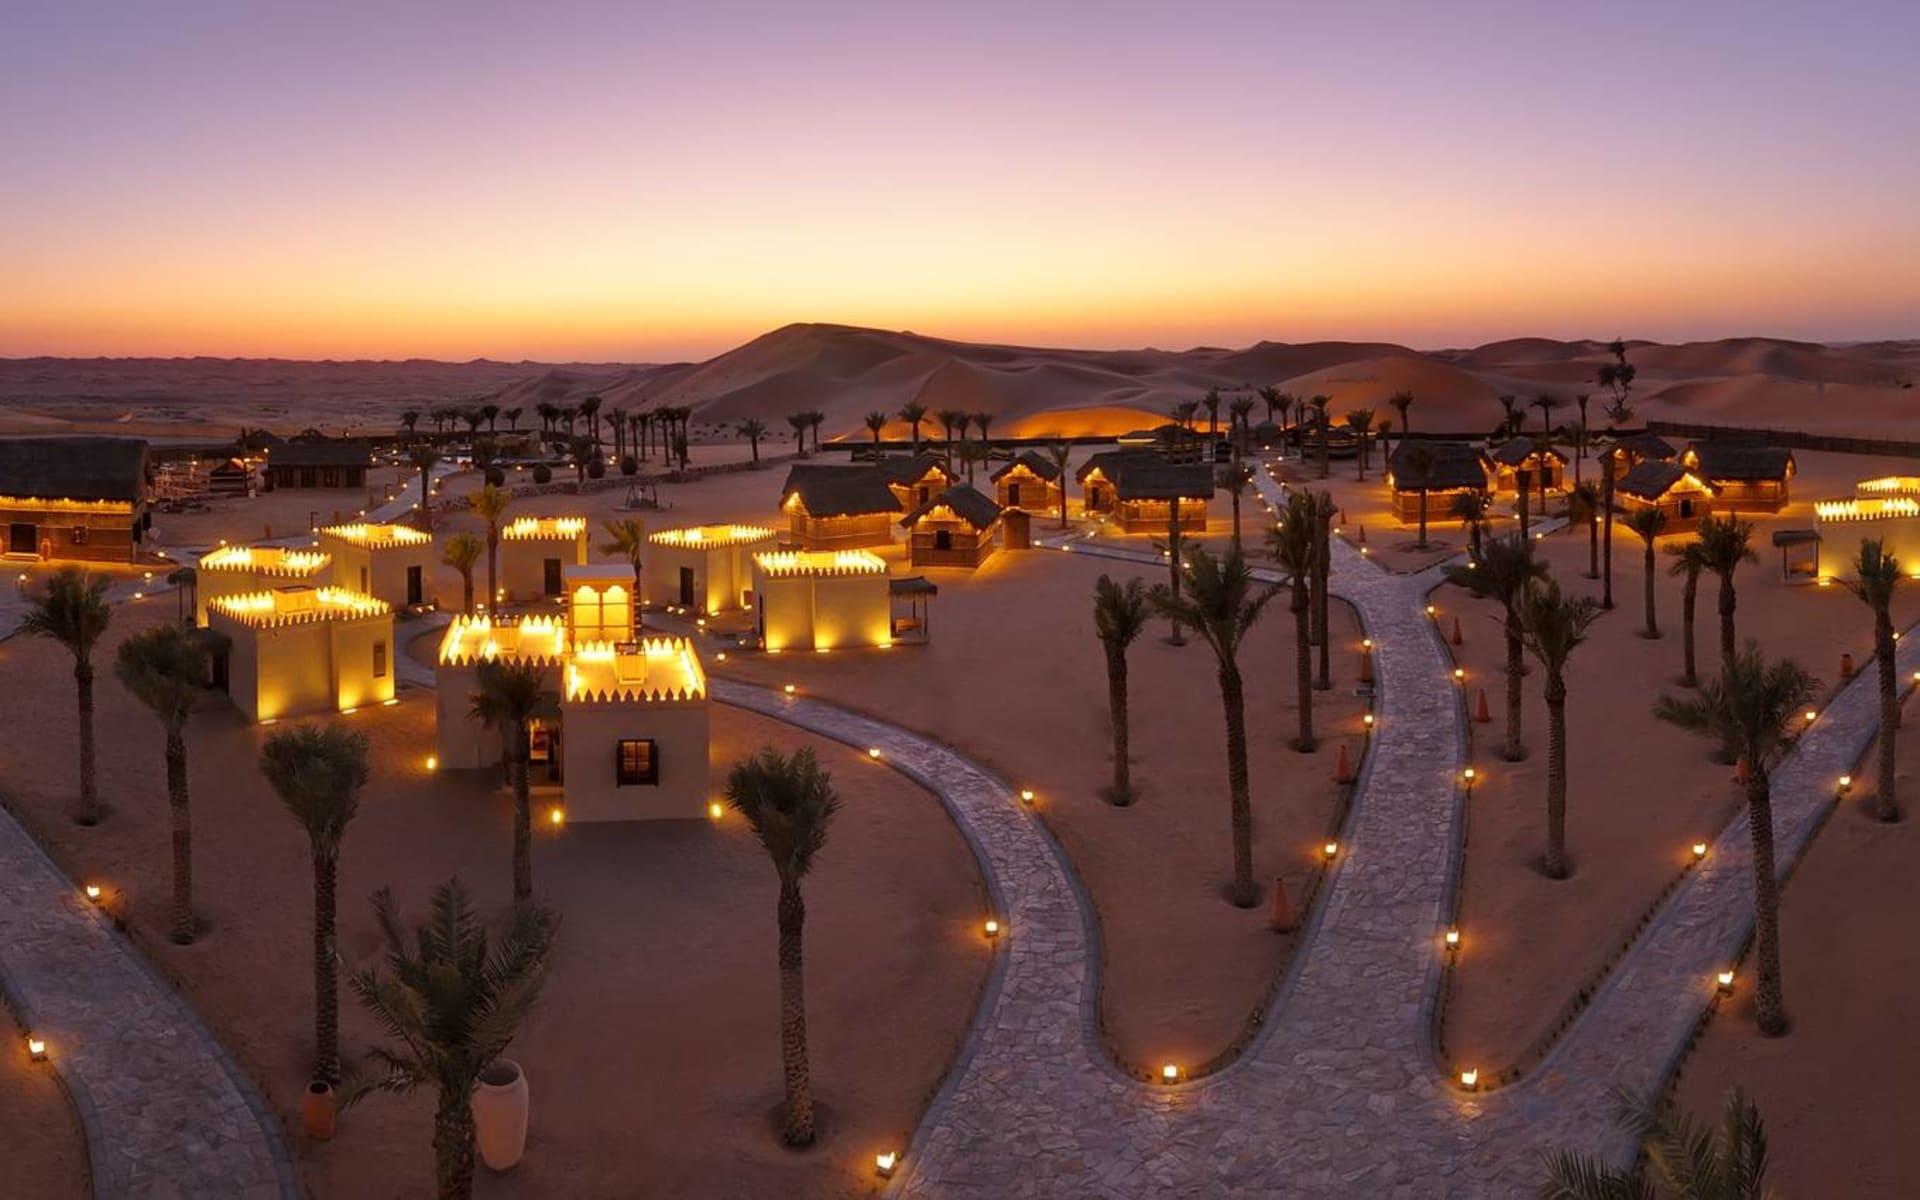 Arabian Nights Village in Al Khatim Wüste: The Village